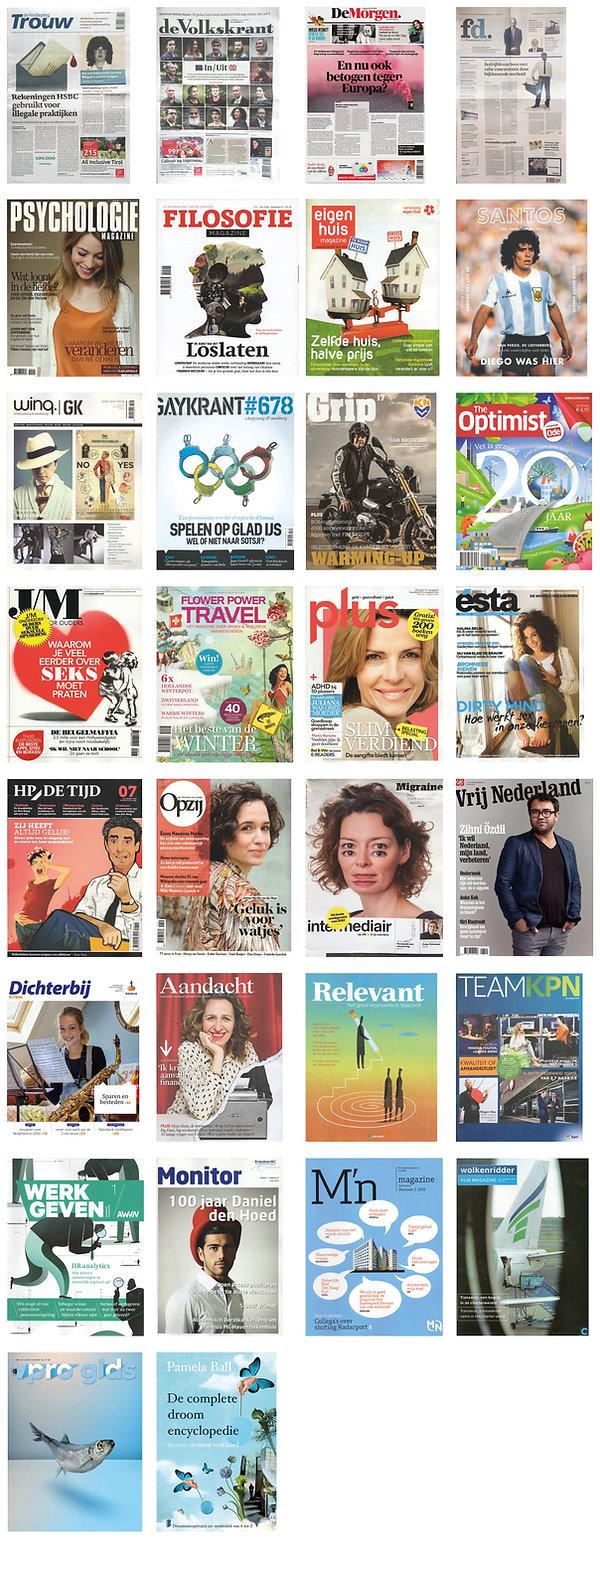 Opdrachtgevers Studio Vonq Mirjam Riemens Dagblad Trouw Volkskrant HP de tijd